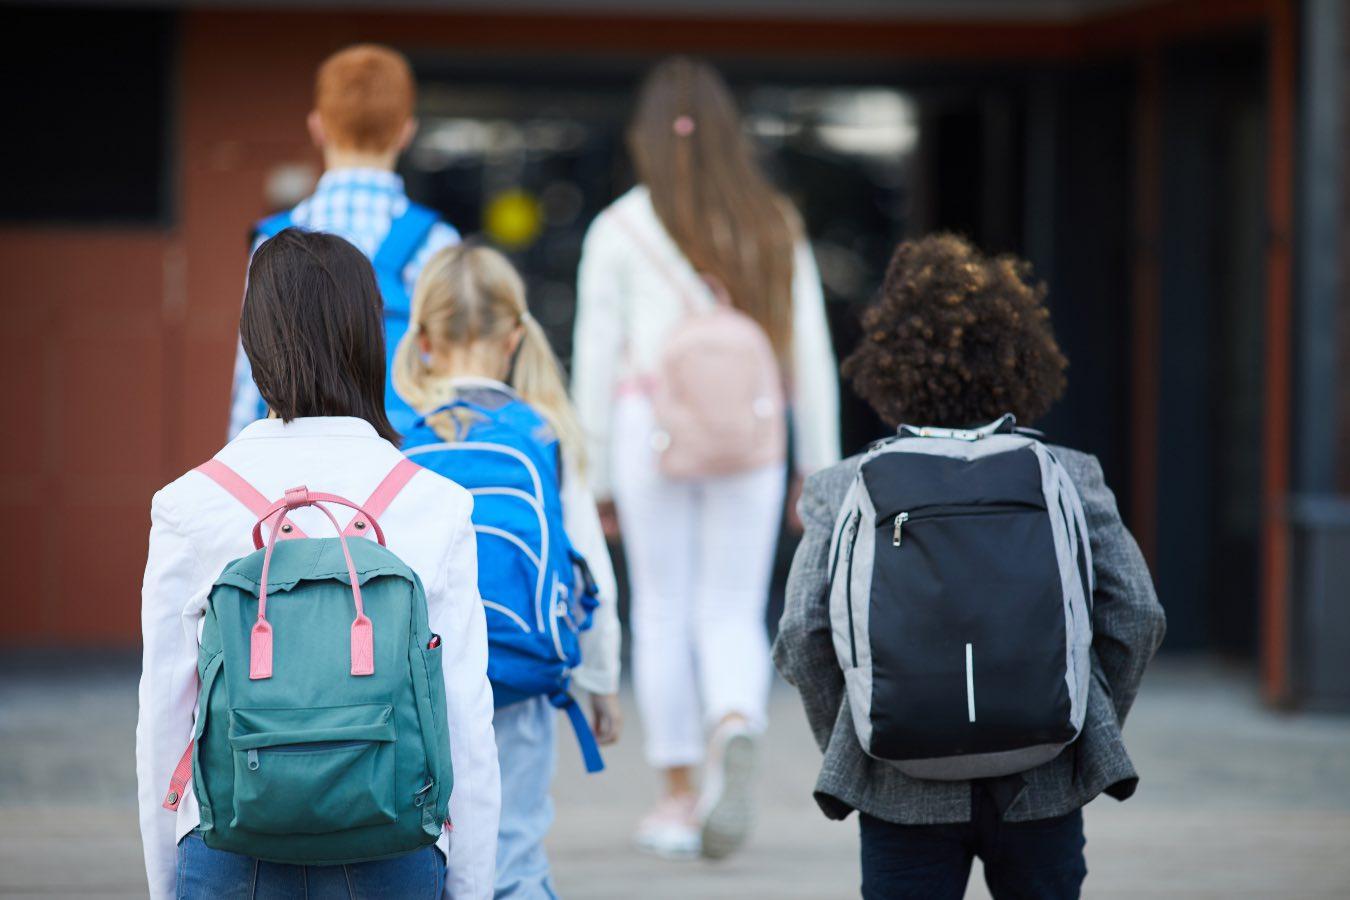 Ile jest dni w roku szkolnym 2021/2022? Jak długo potrwa nauka, a ile będzie przerw w tym roku?